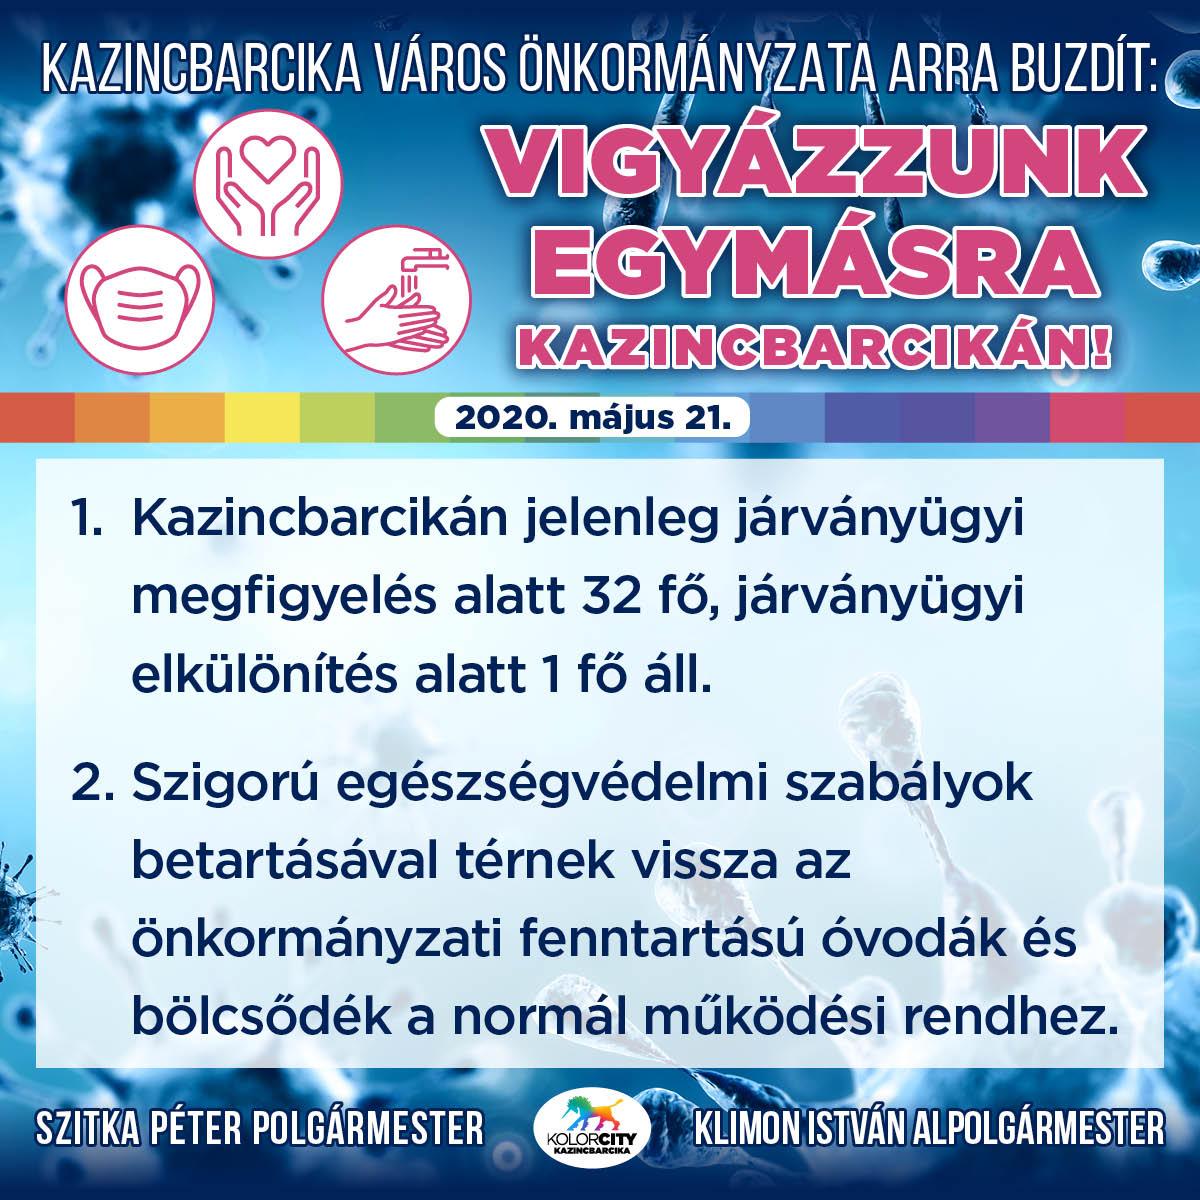 https://kolorline.hu/Vigyázzunk egymásra Kazincbarcikán! – 2020. május 21.